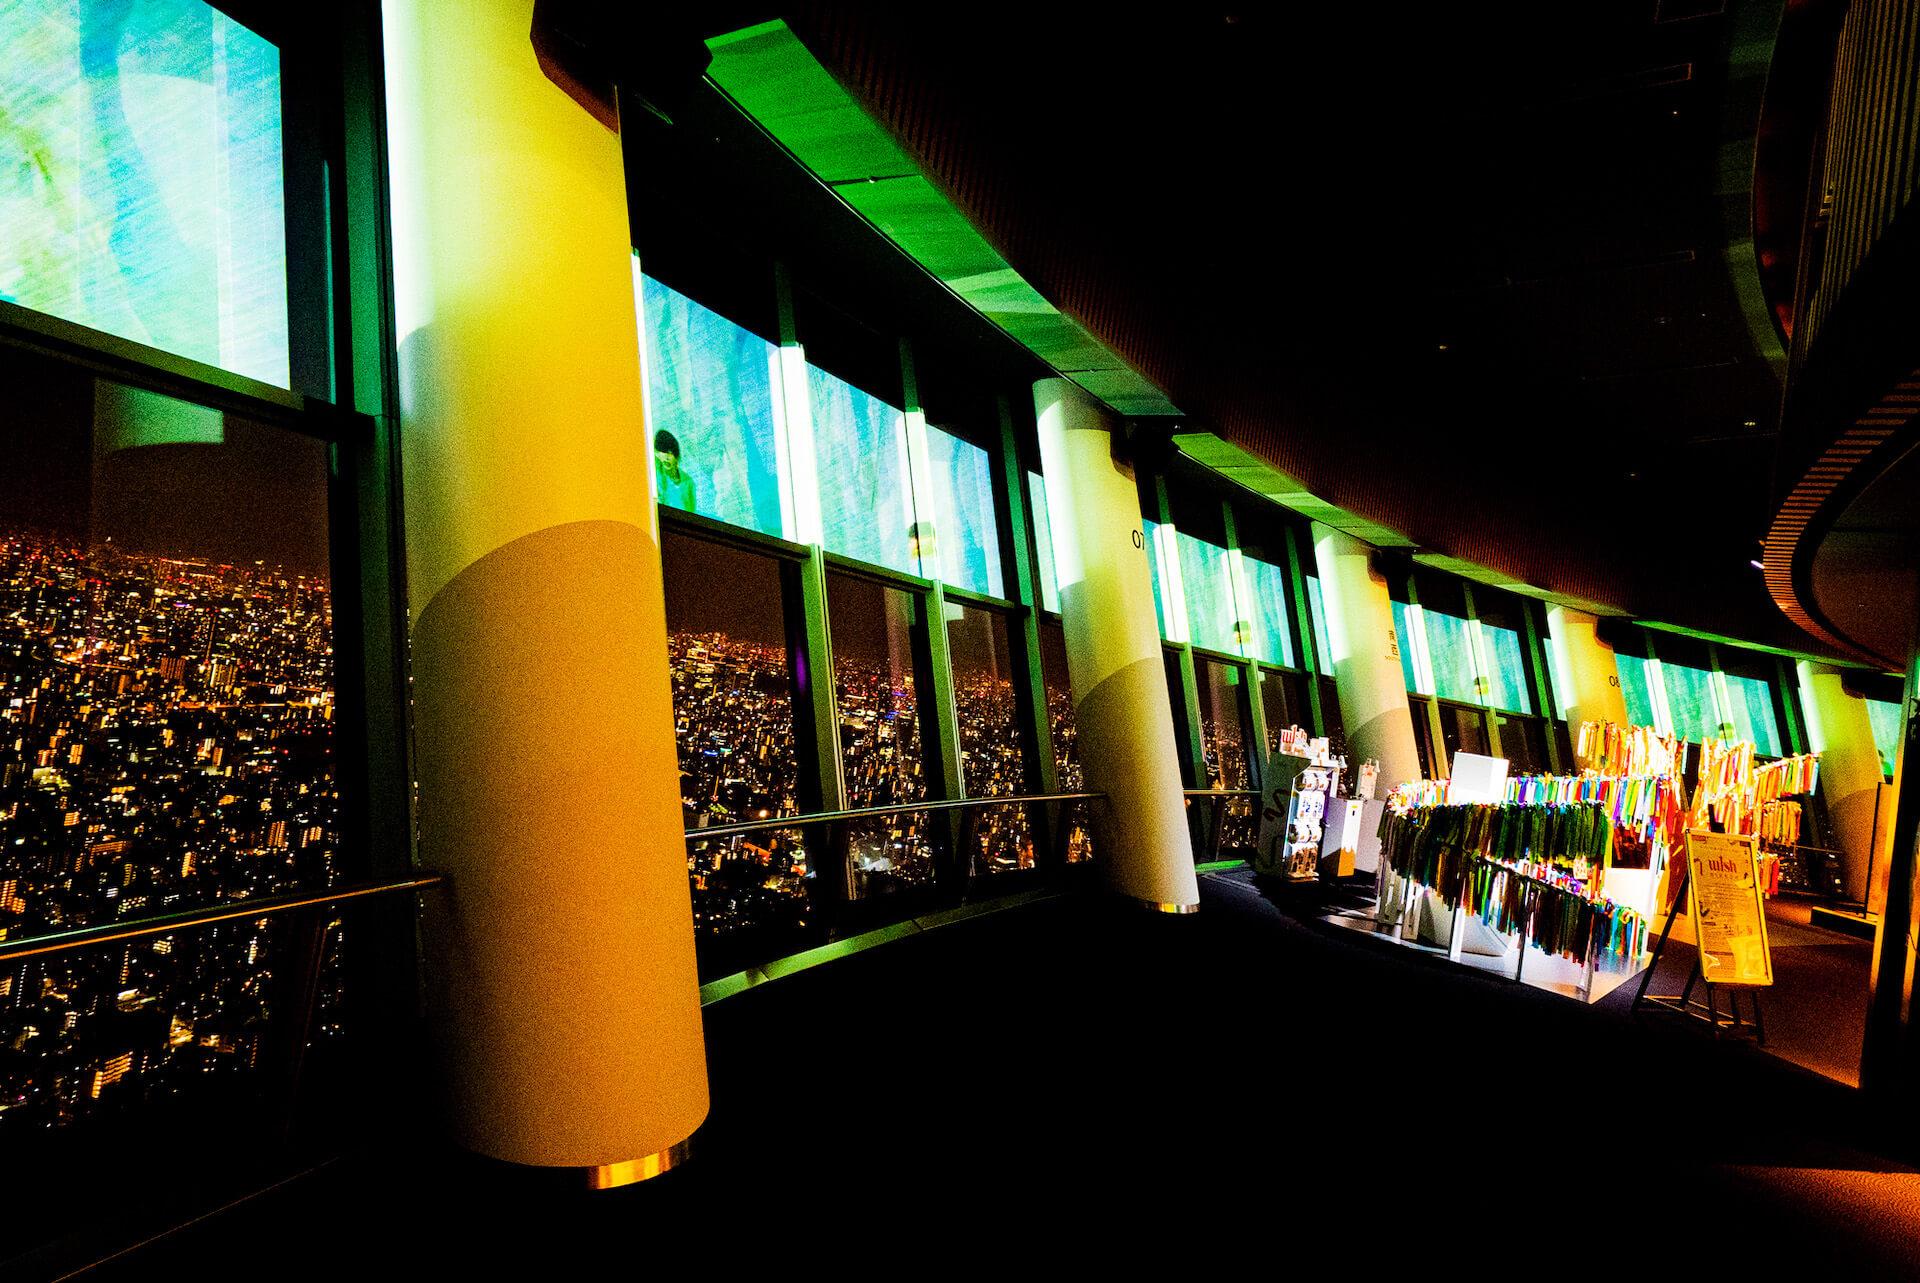 米津玄師ニューシングル『Pale Blue』発売記念で東京スカイツリーの特別ライティング&展望台でのMV上映が決定! music210611_yonezukenshi_9